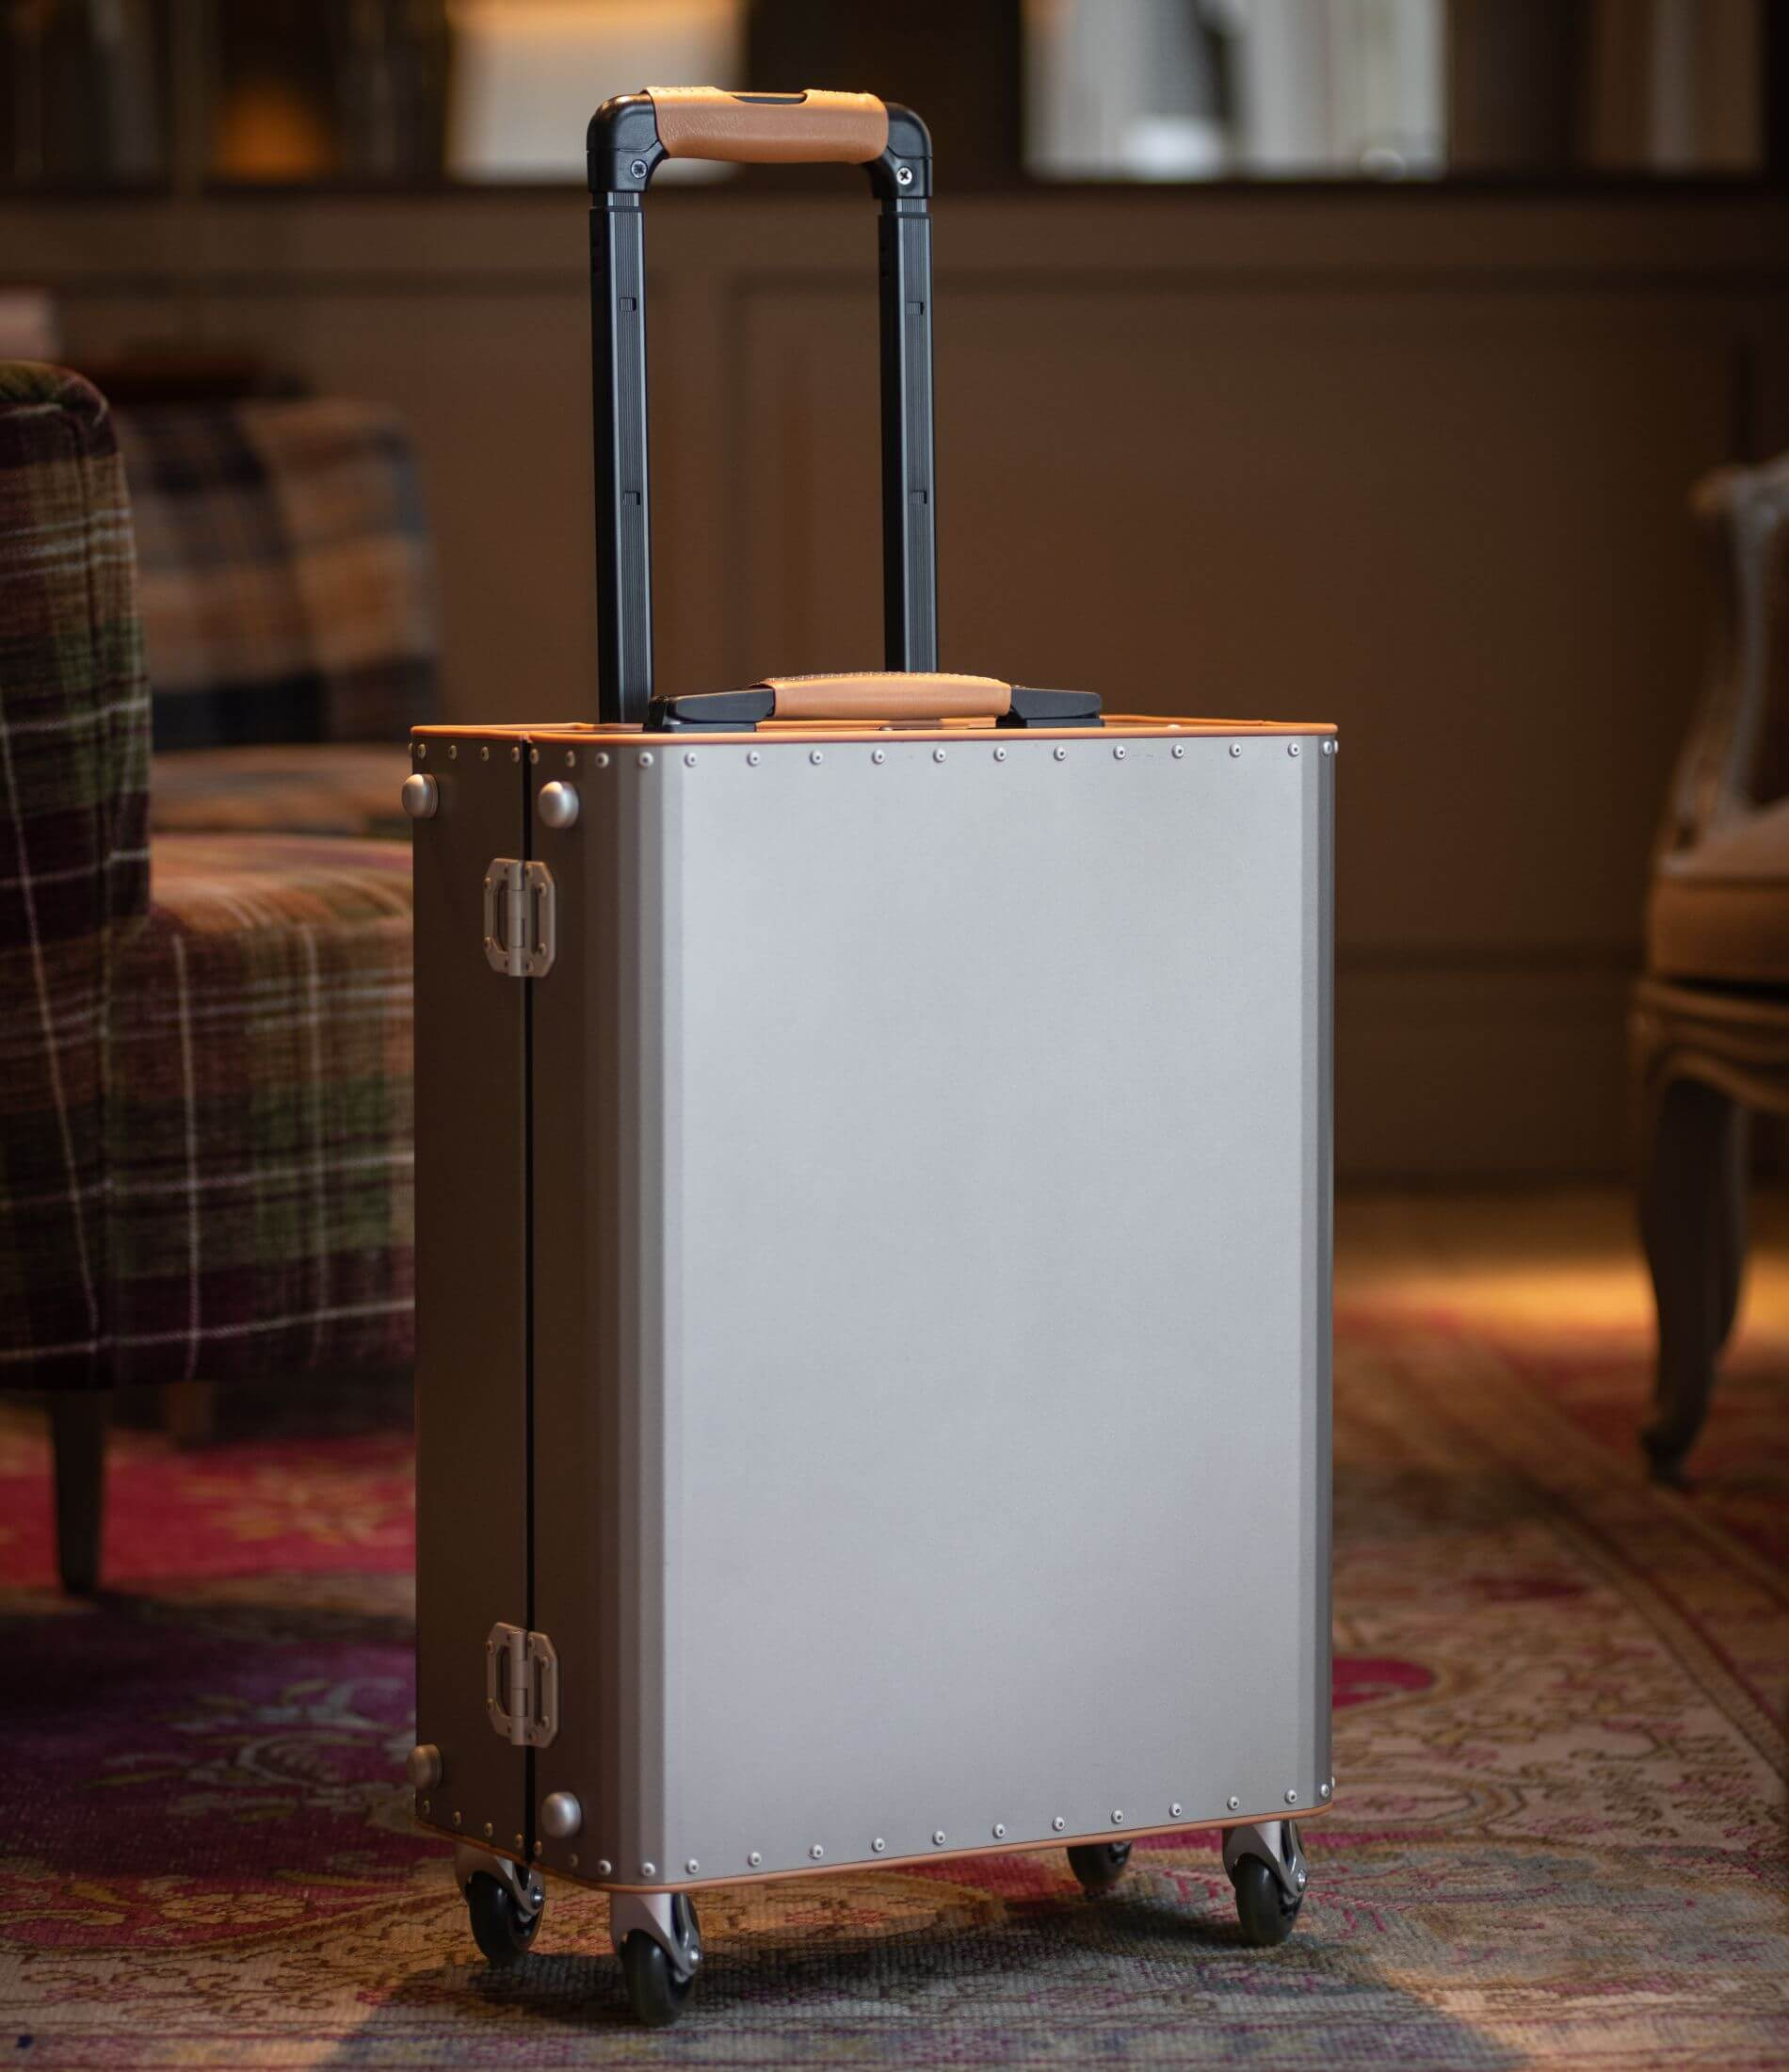 imagen destacada del detalle de una maleta de Tecknomonster, que vendemos en Pilma Travel como distribuidor de maletas de Tecknomonster en España